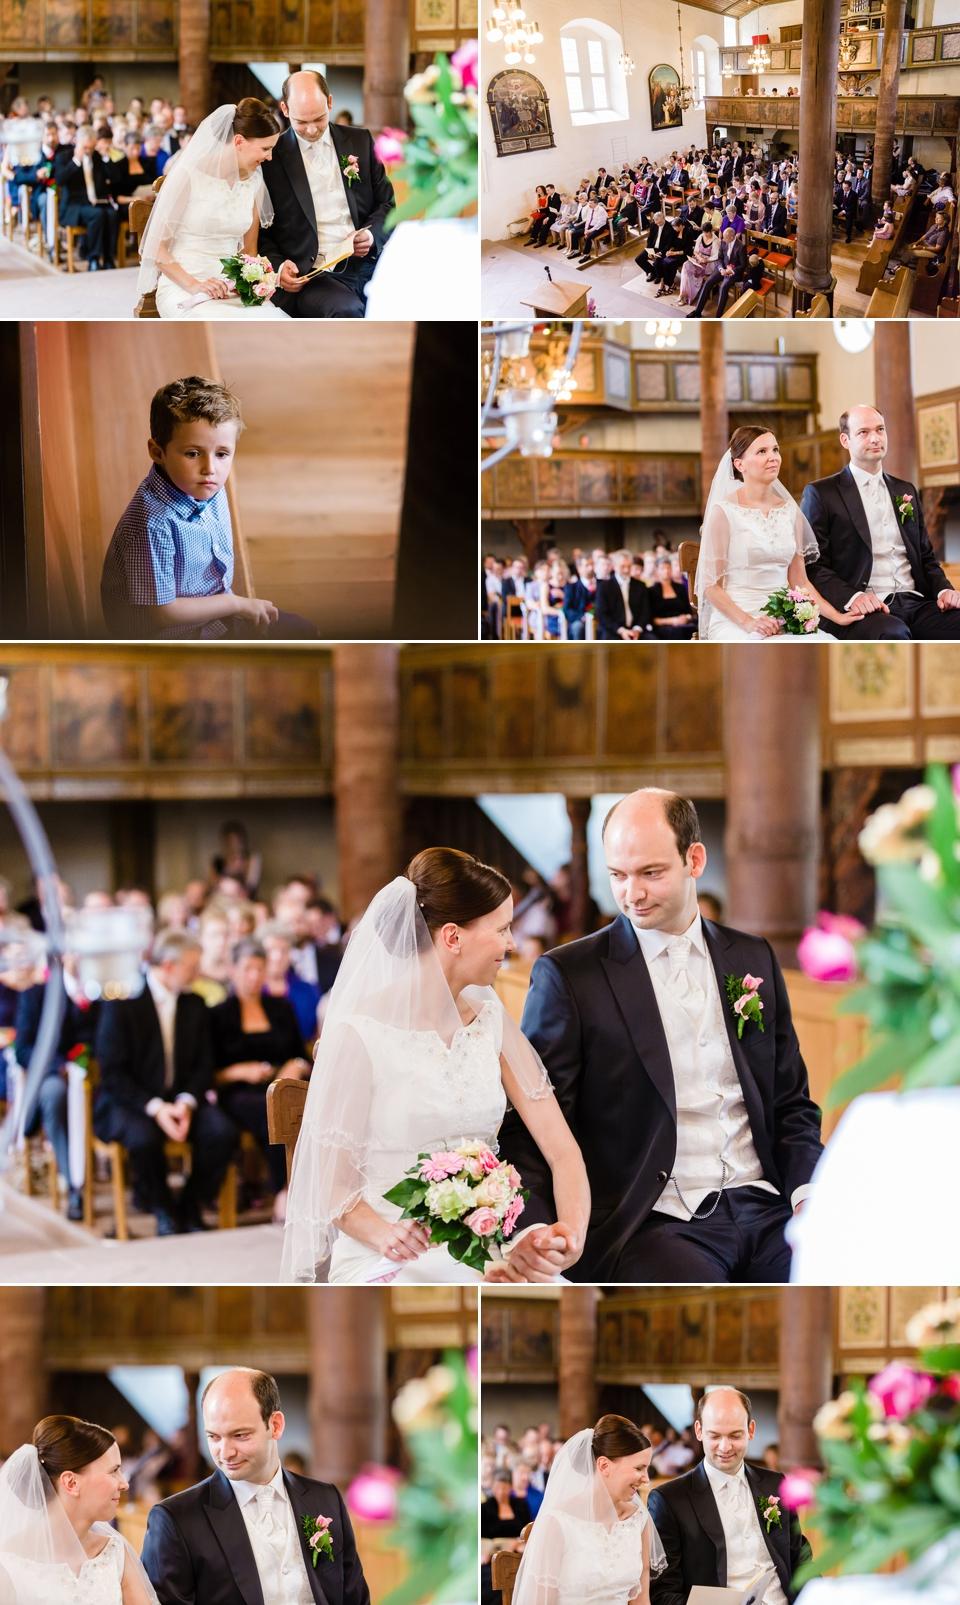 Fotograf Braunschweig Hochzeit_35